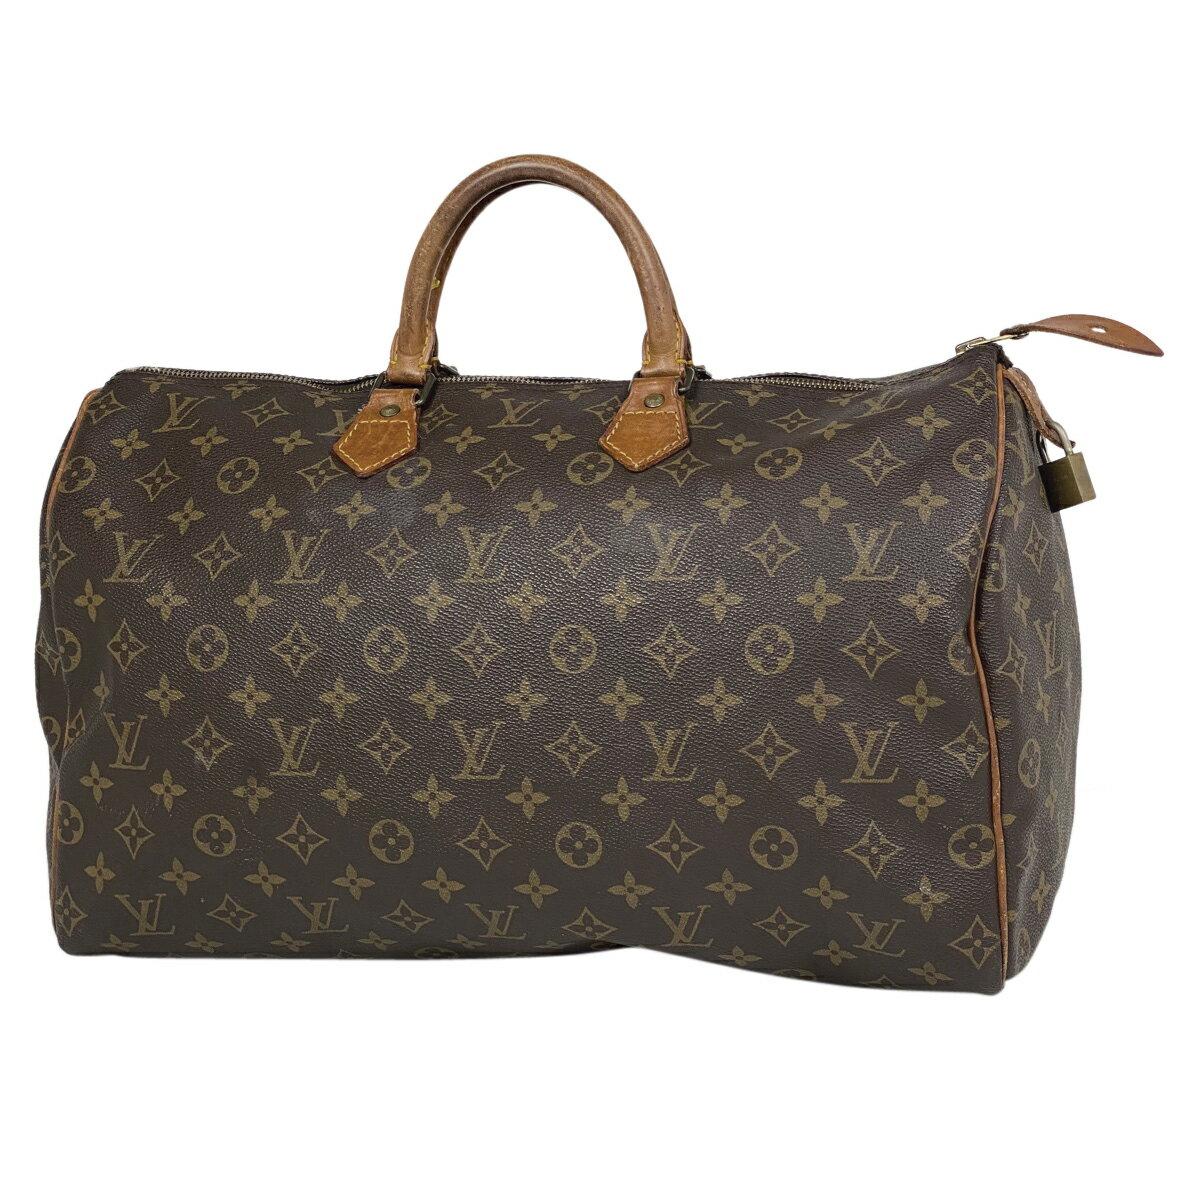 レディースバッグ, ハンドバッグ  Louis Vuitton 40 M41522